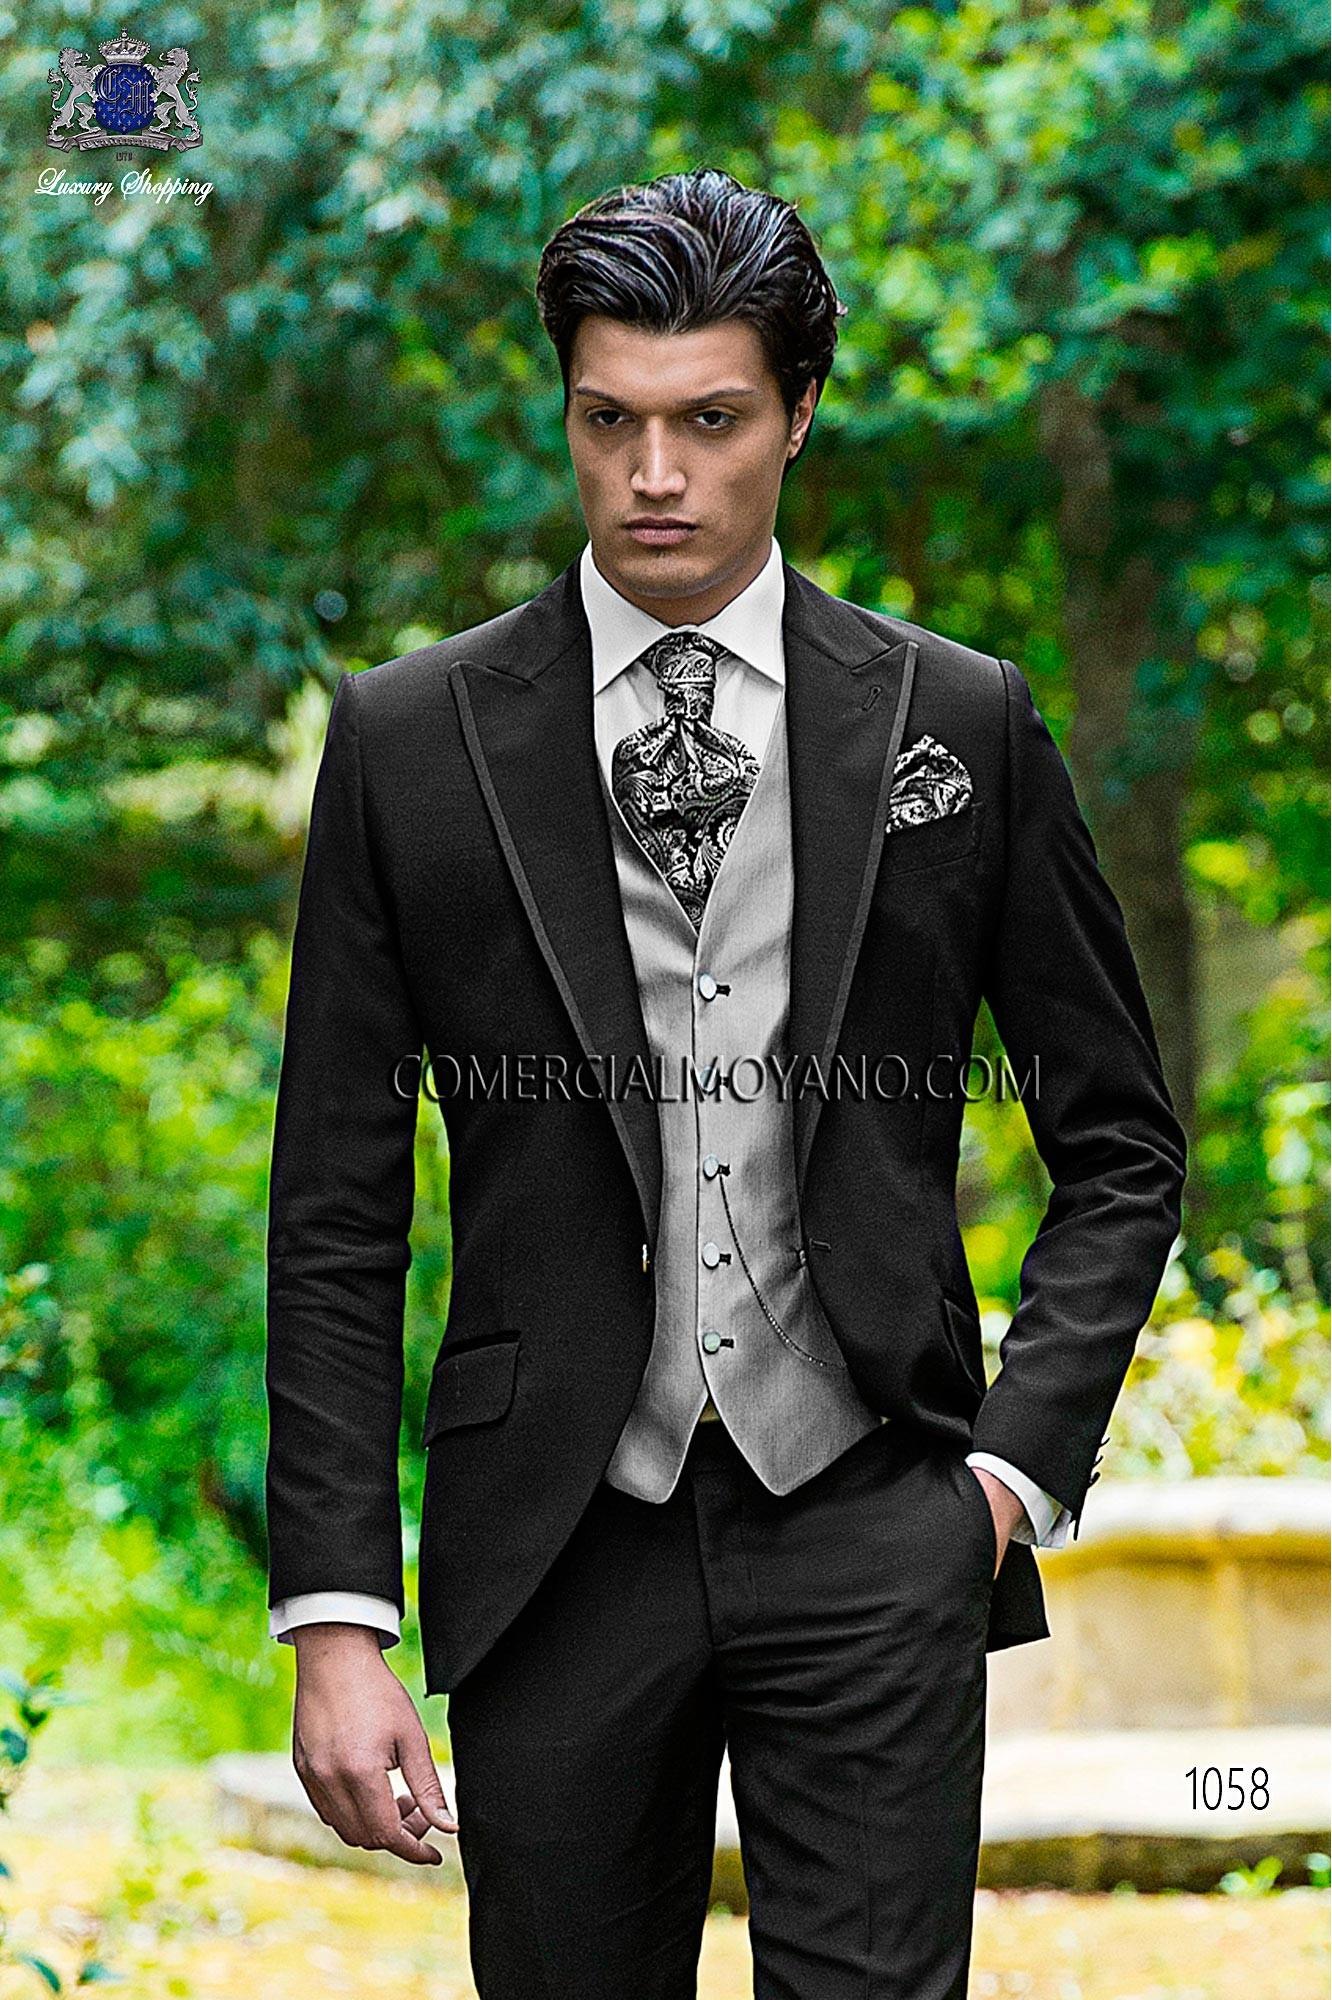 Traje Fashion de novio negro modelo: 1058 Ottavio Nuccio Gala colección Fashion